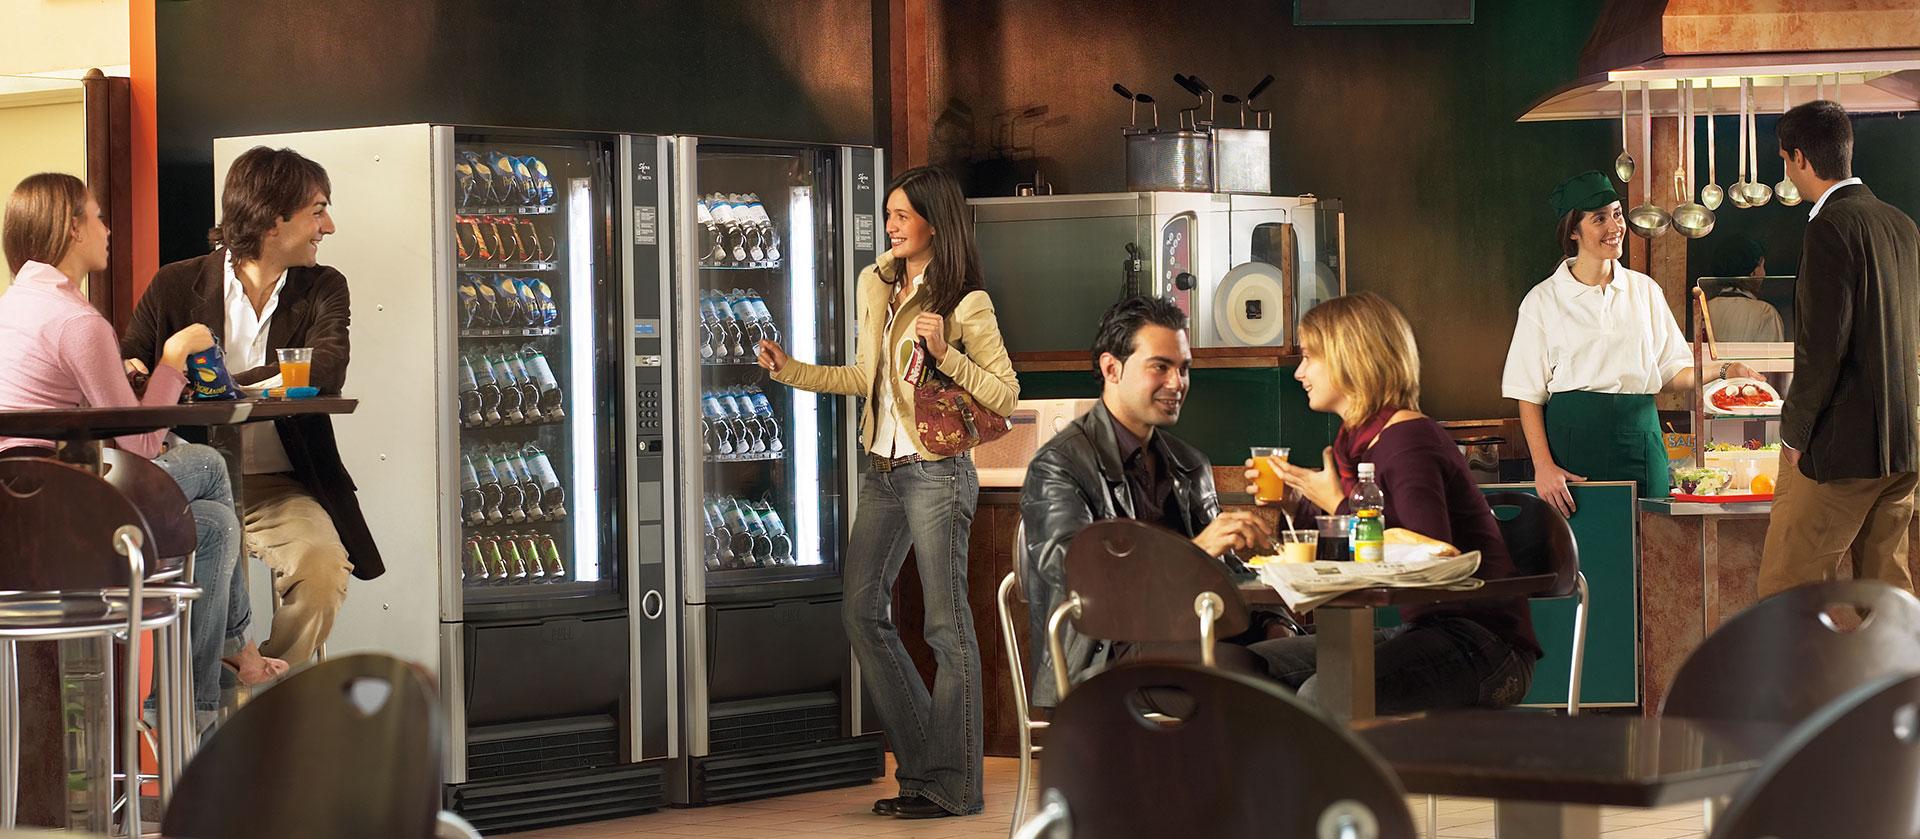 Las Últimas Novedades en Máquinas Vending